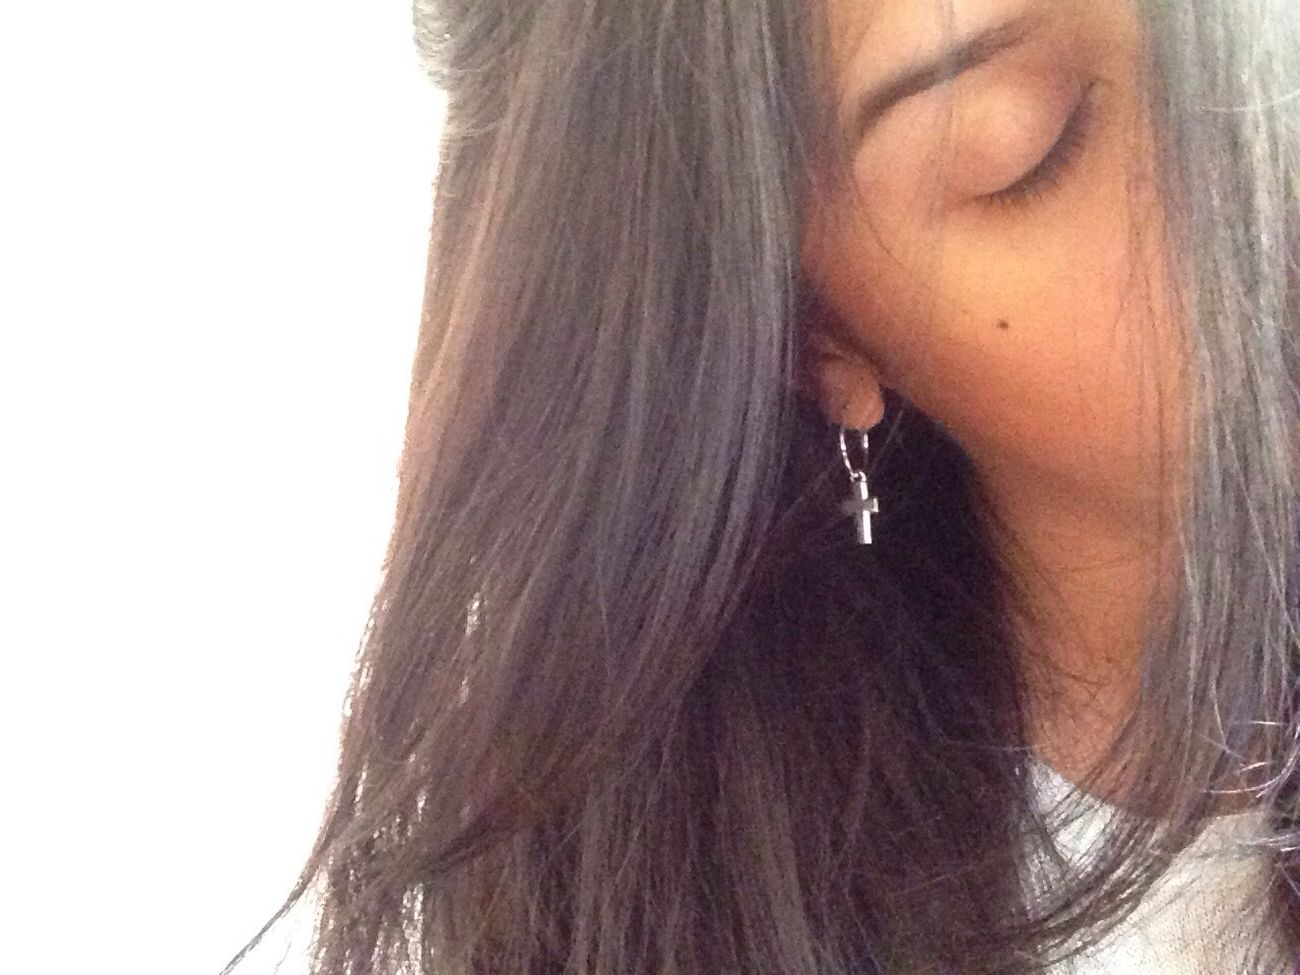 Ultimo giorno di stage Dormire Caffeinalevel:OVERDOSE Nunjareggaepiu